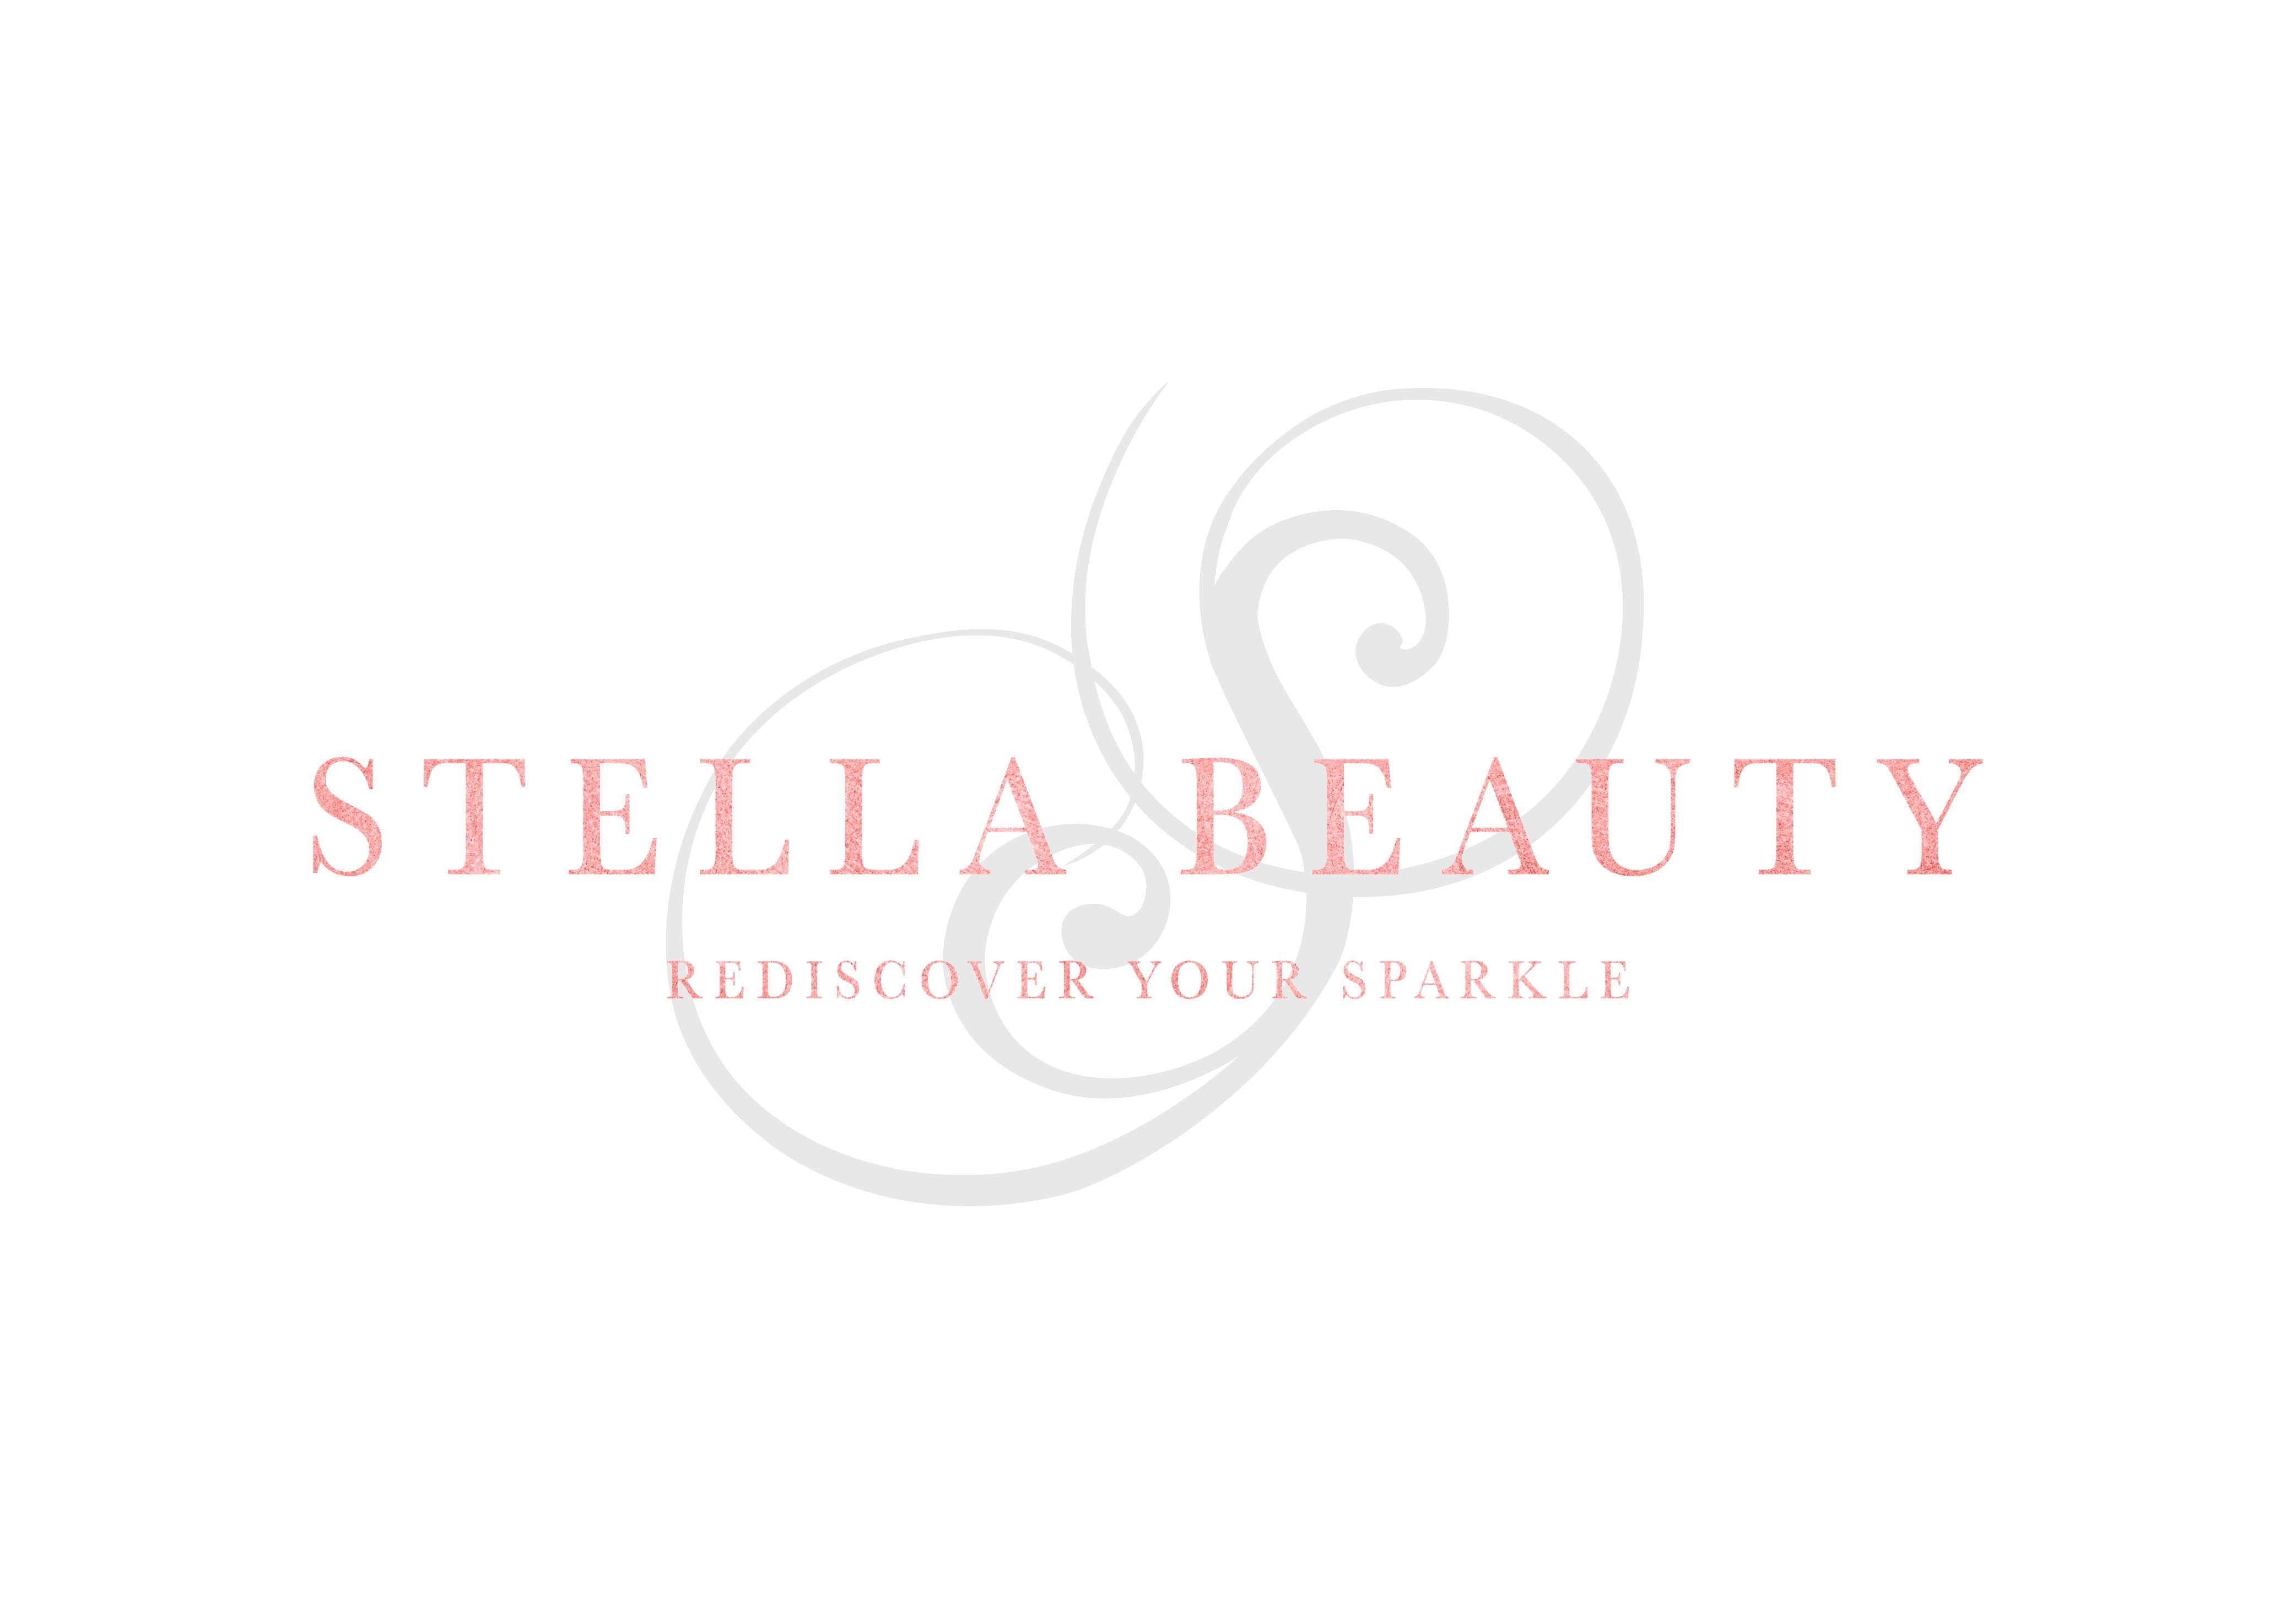 Stella Beauty